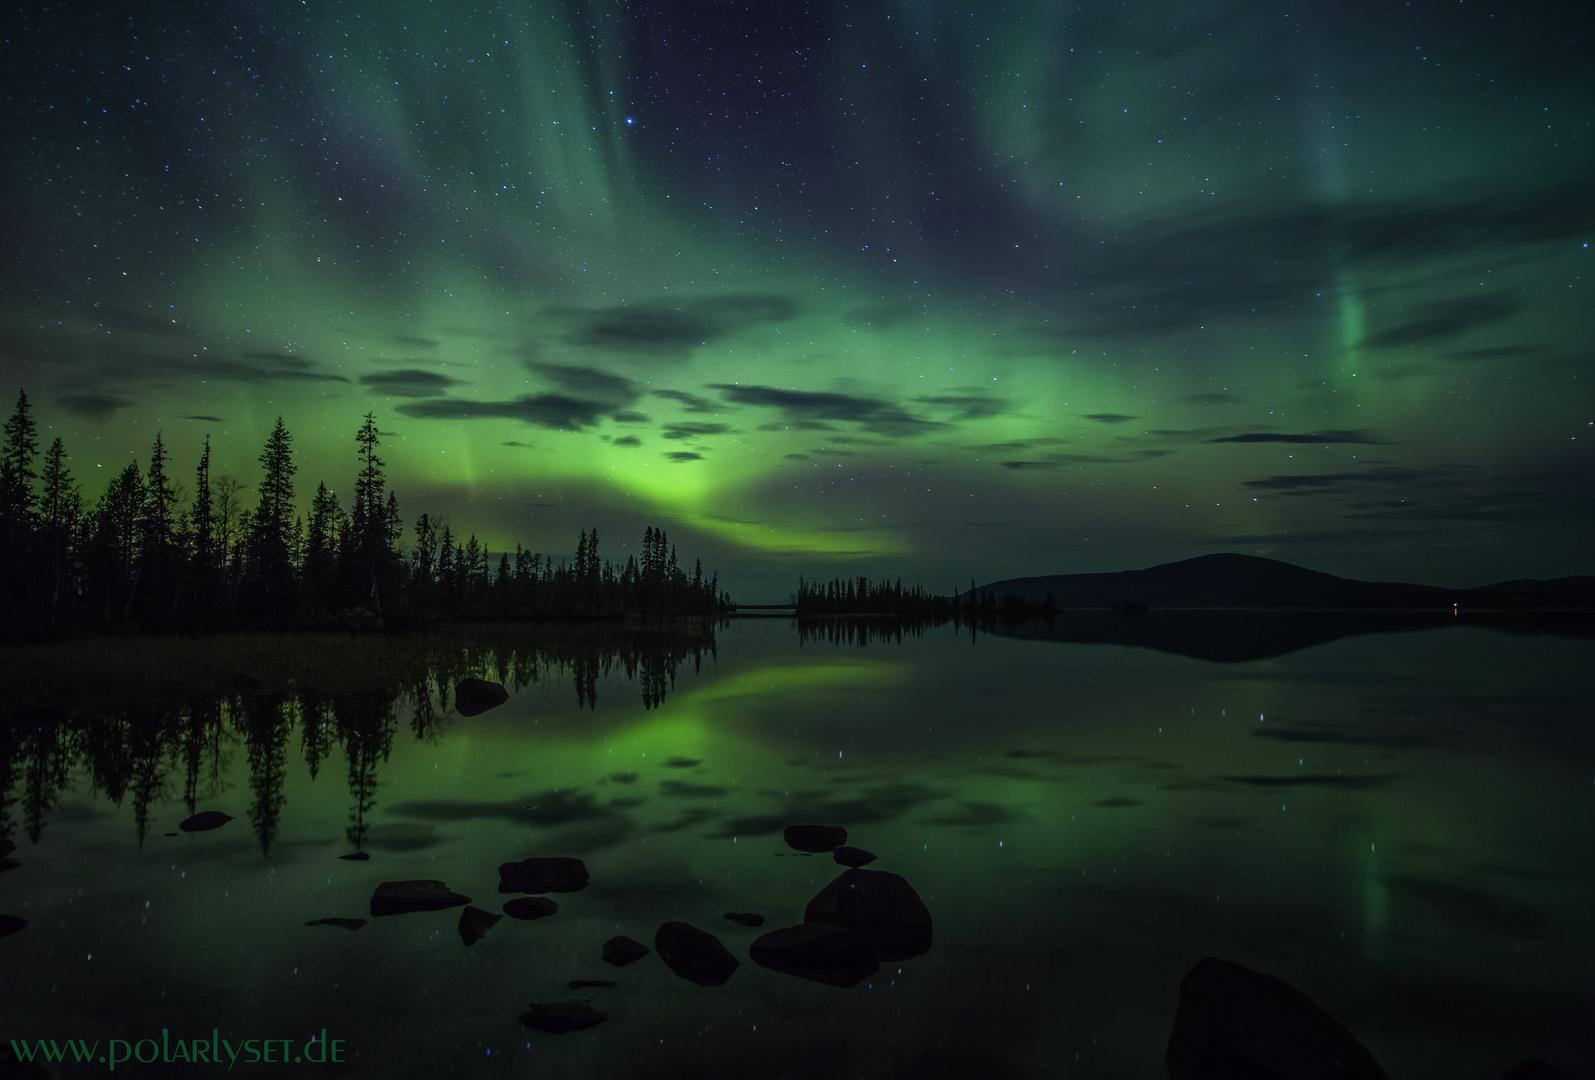 Polarlicht - Spiegelung auf dem See